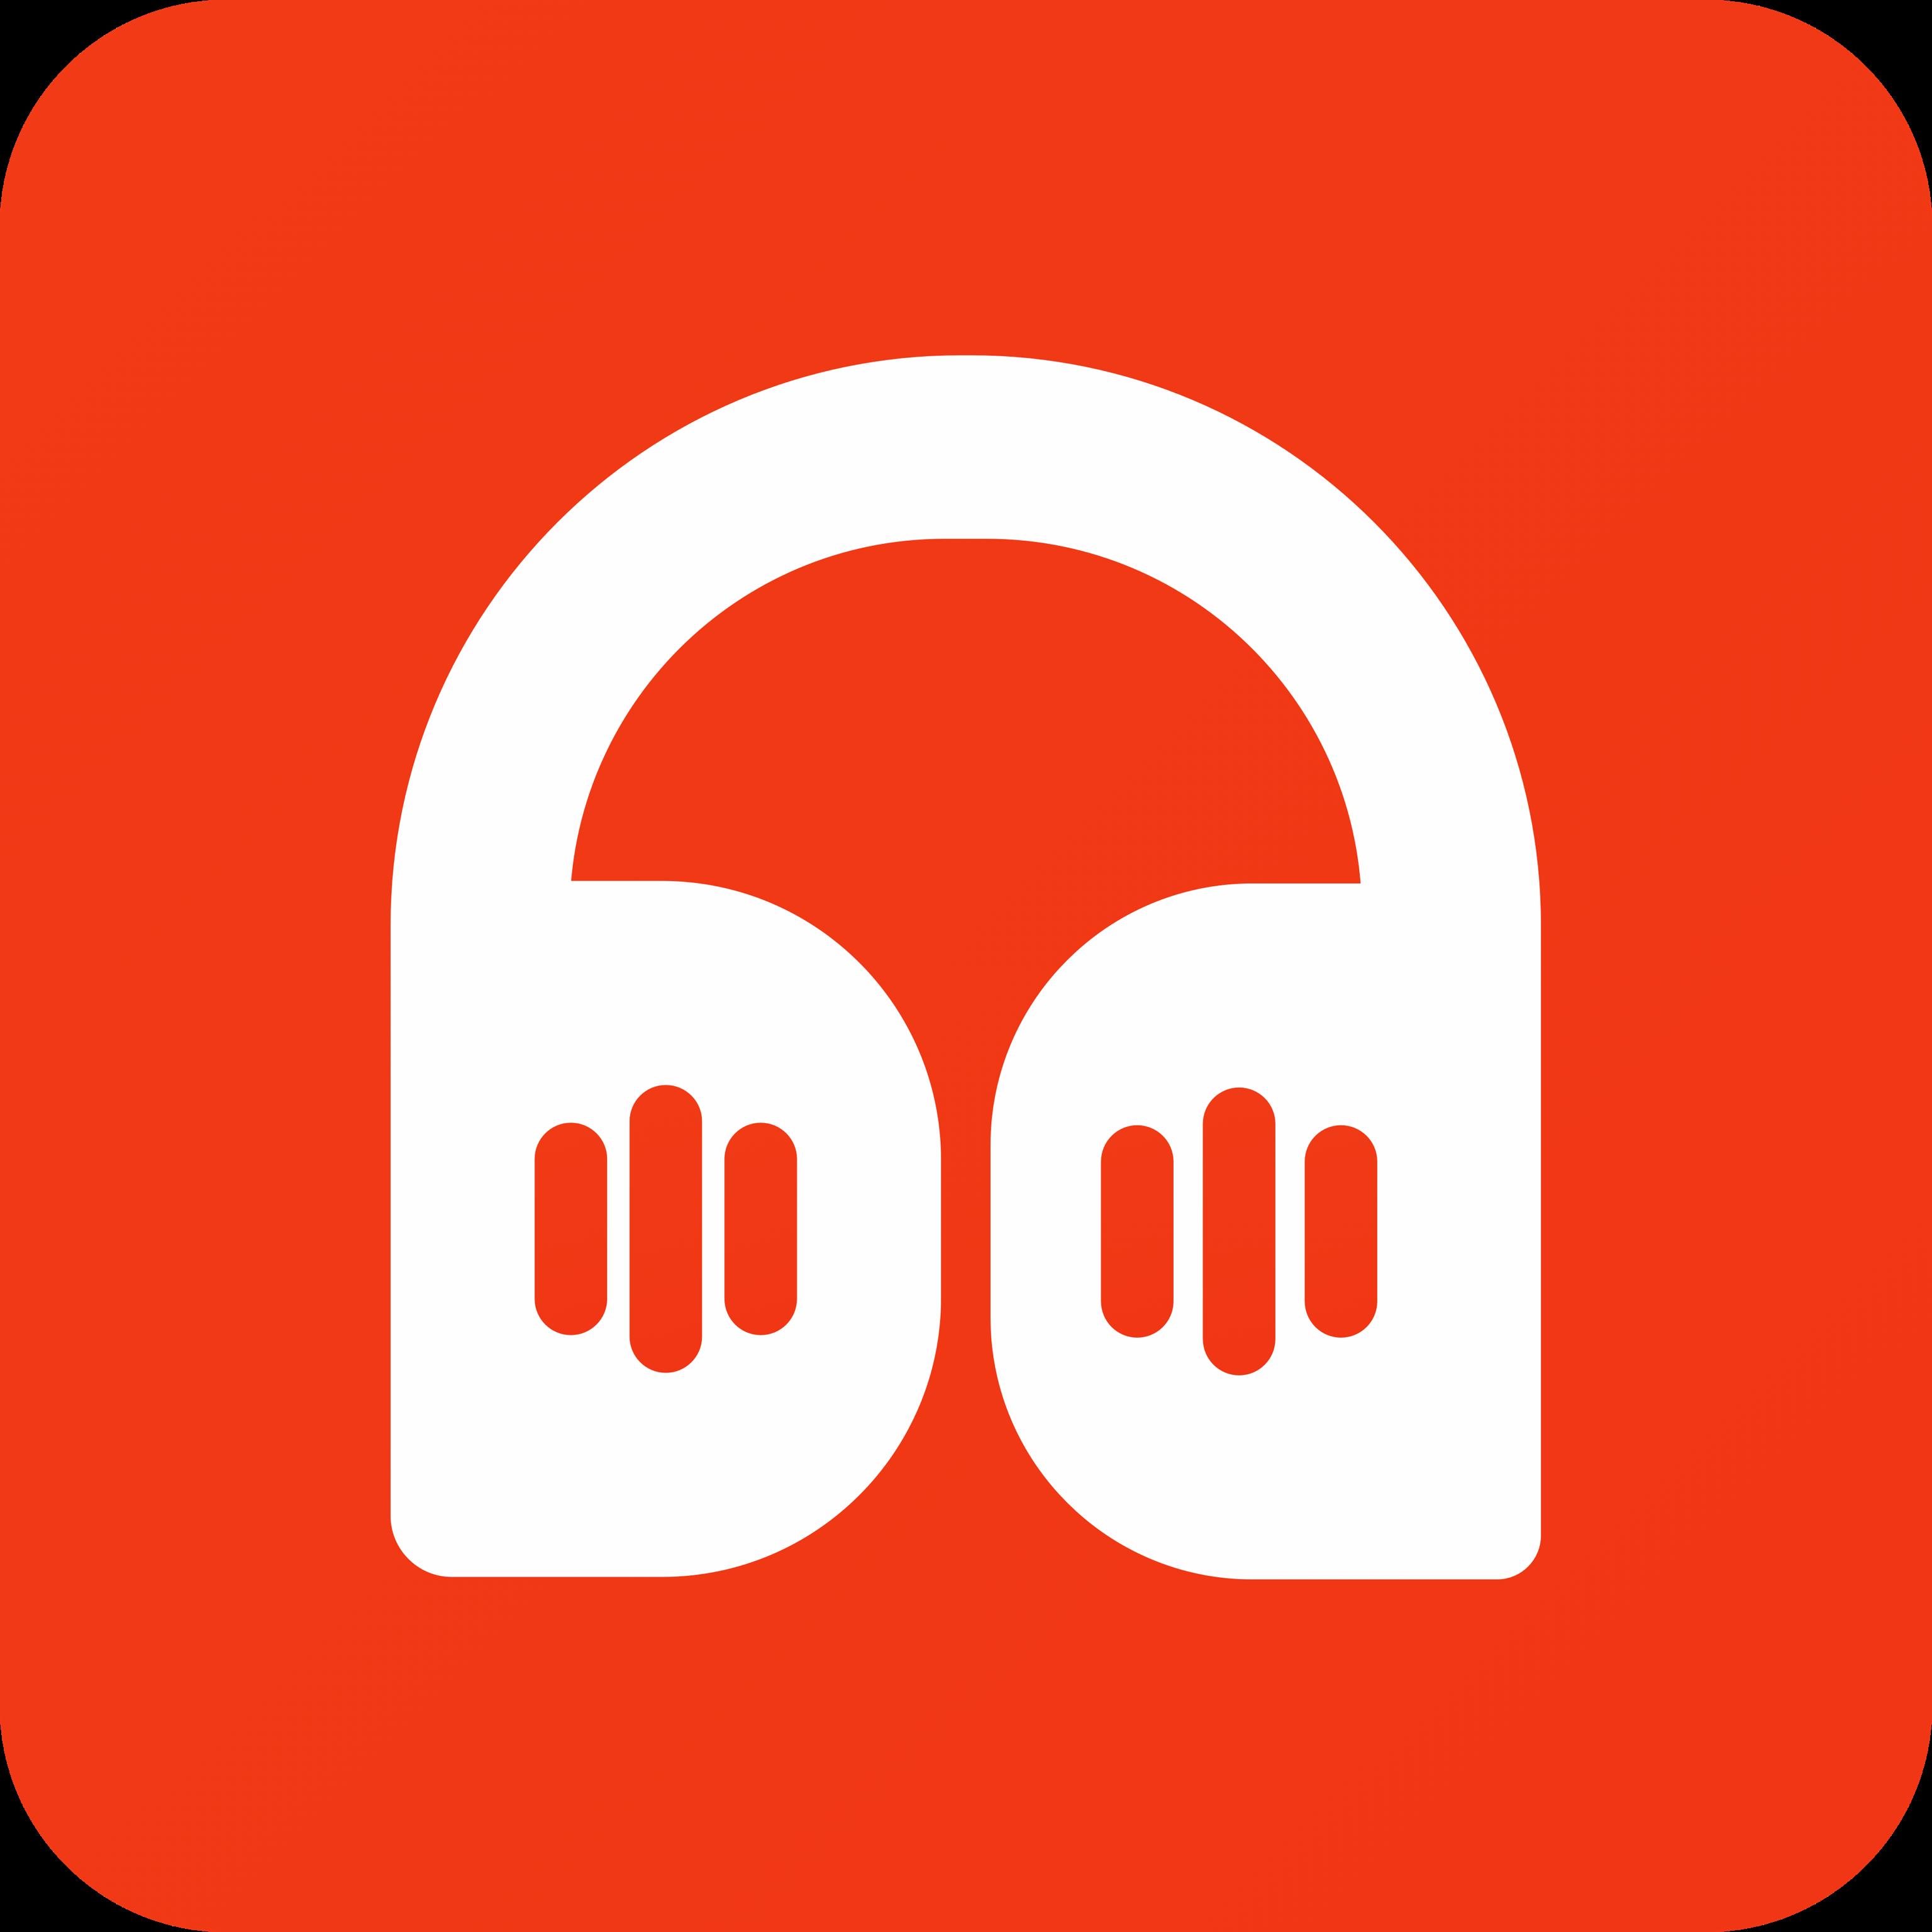 倾耳年轻交友语音配对版v1.2.2 最新版